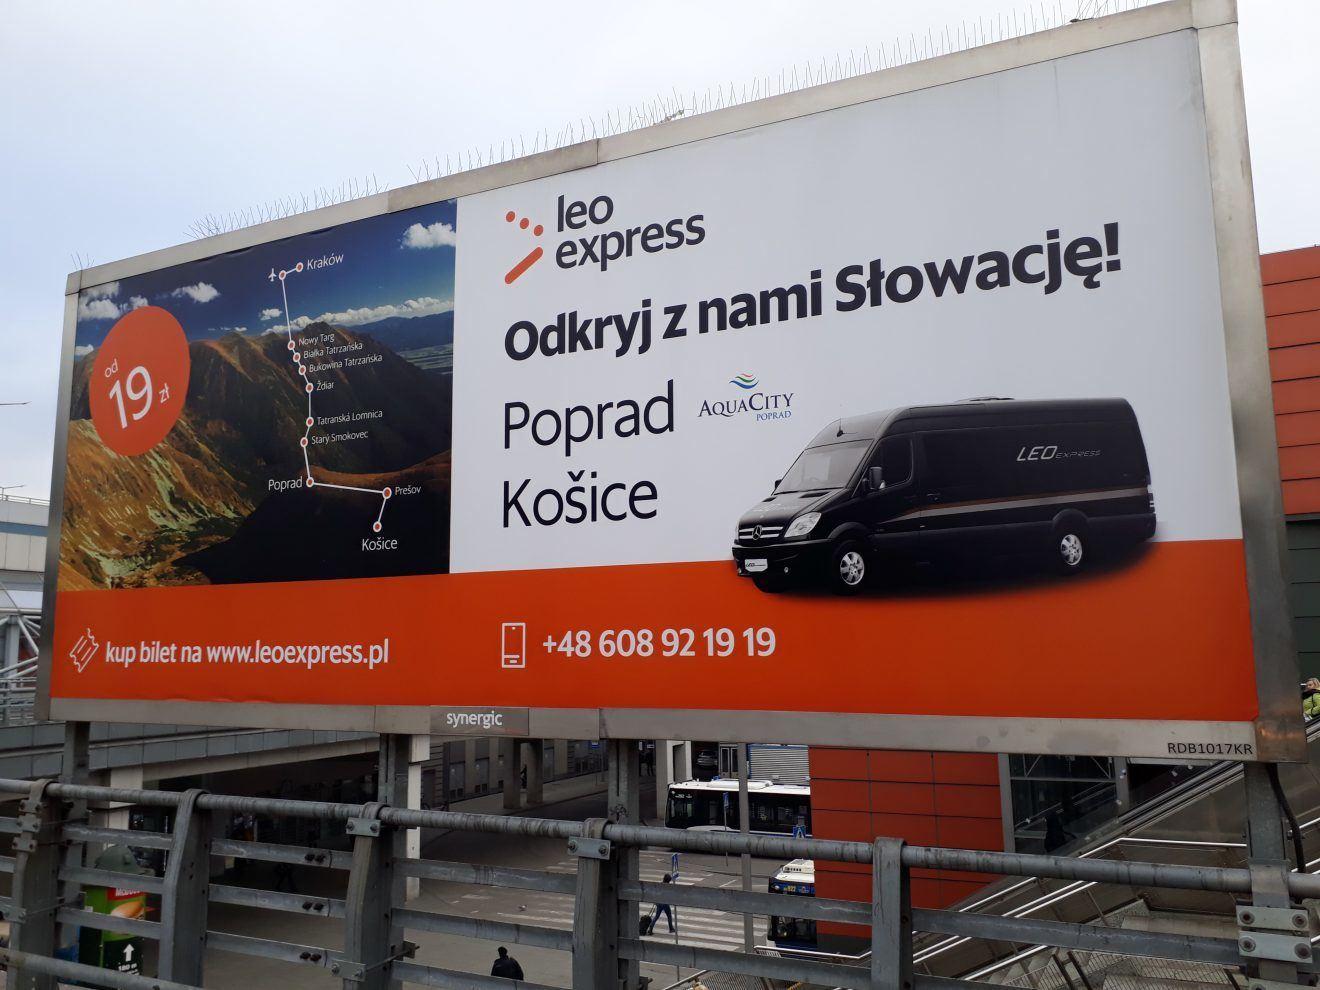 Kraków Bus Station